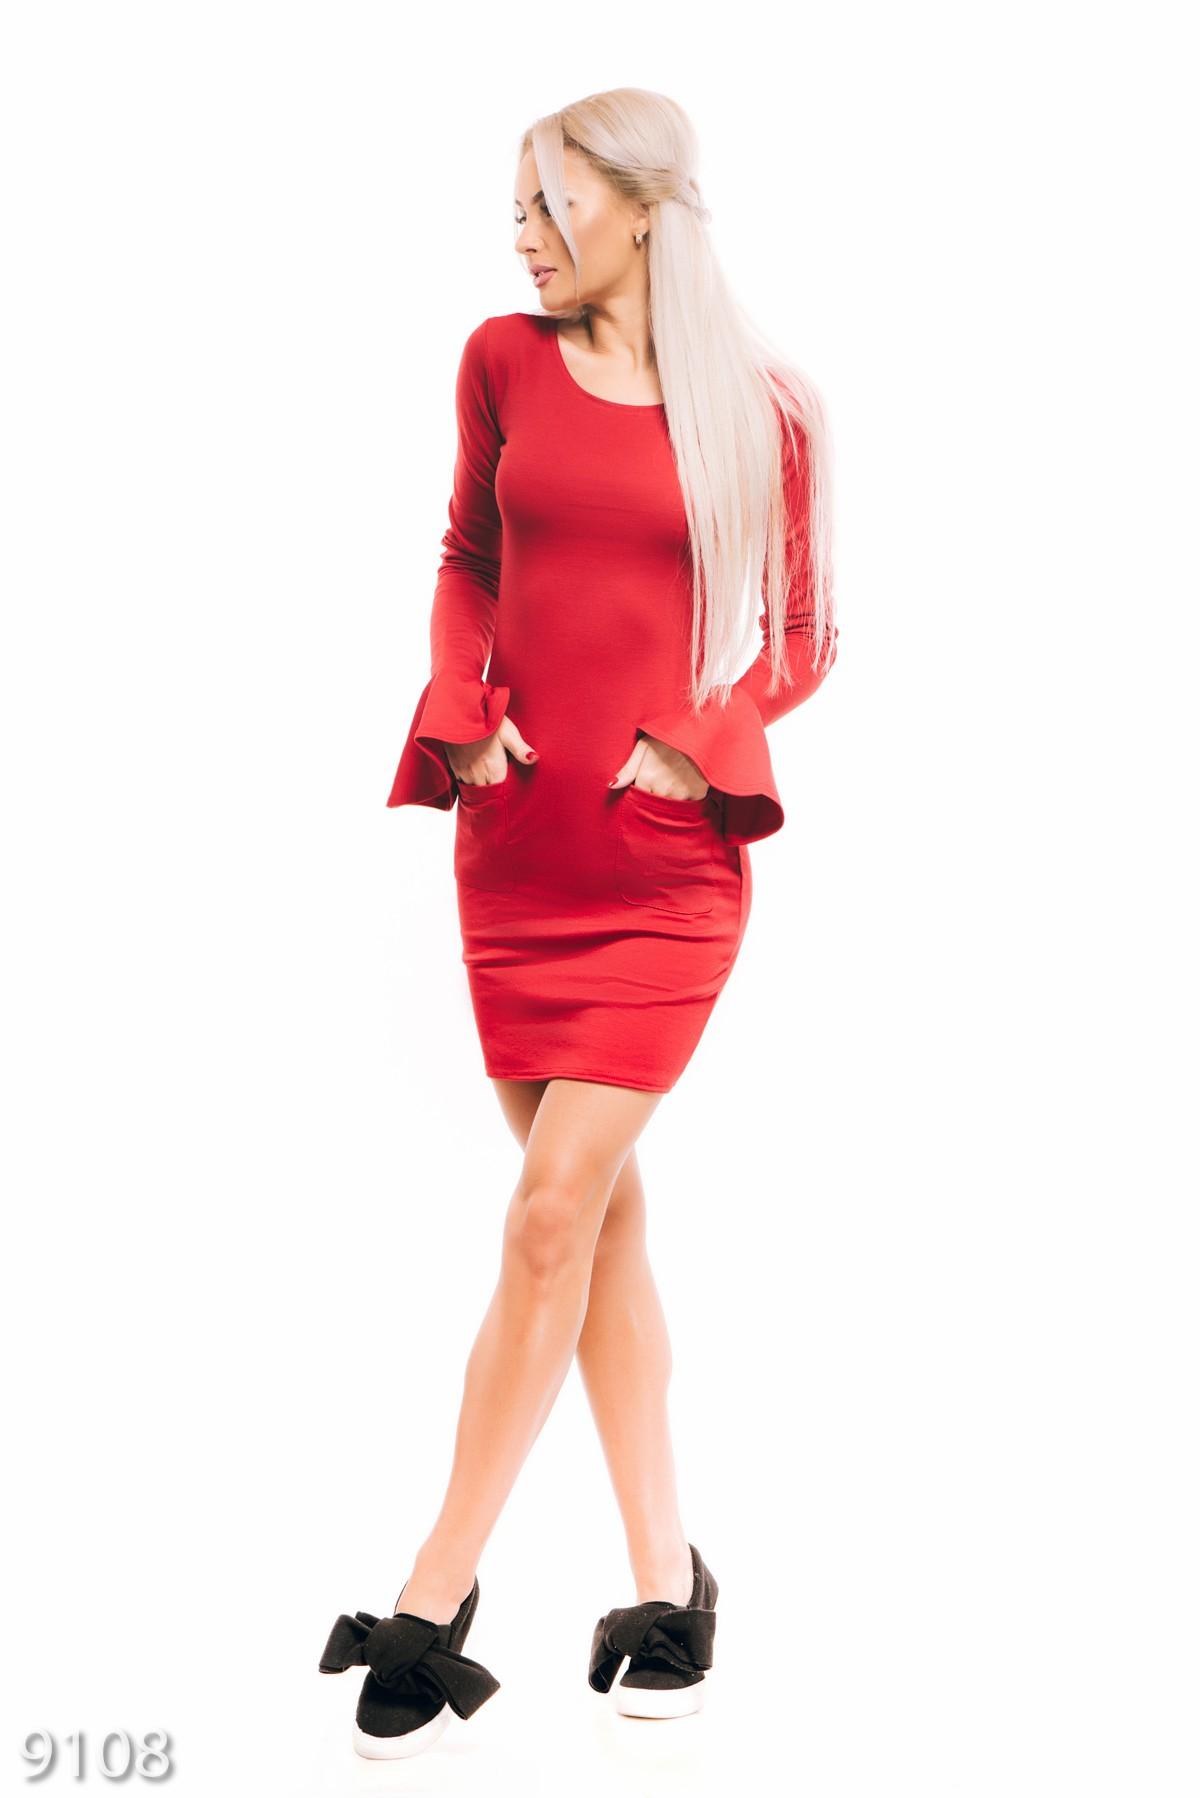 b0da32c33ce ... Красное облегающее платье с карманами и воланом на рукавах  189 грн.  фото 3 ...